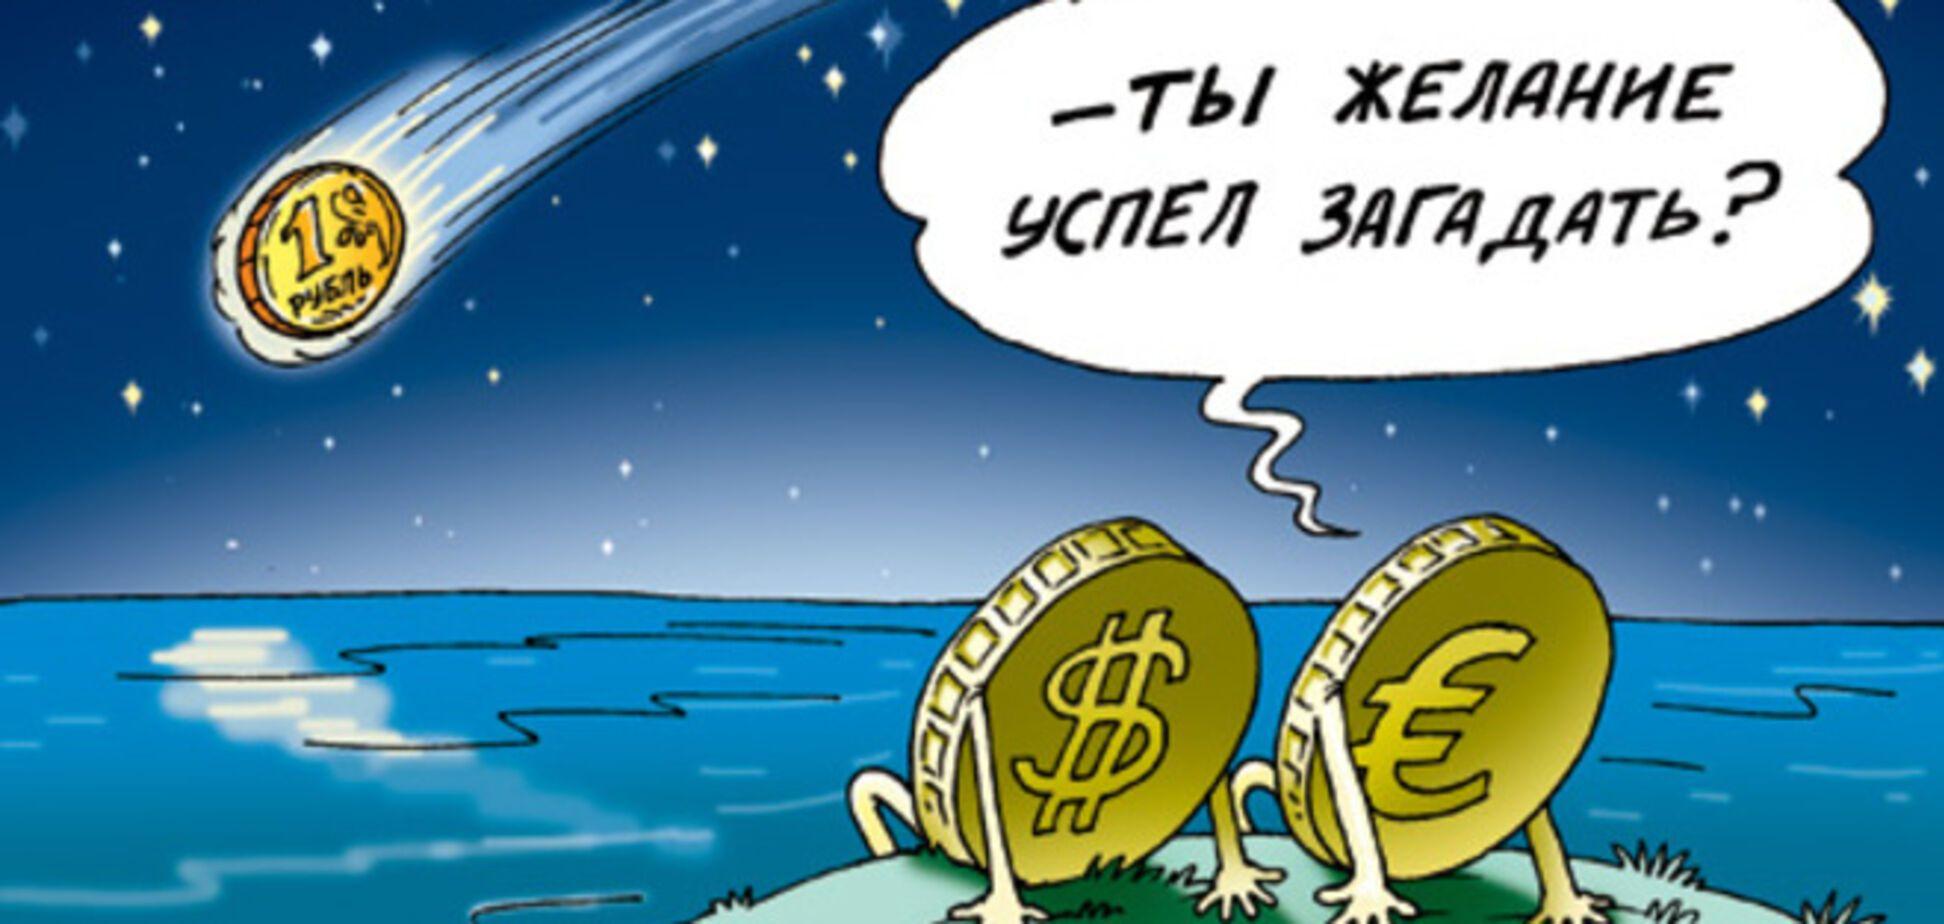 Британская The Guardian в онлайн режиме транслирует падение рубля